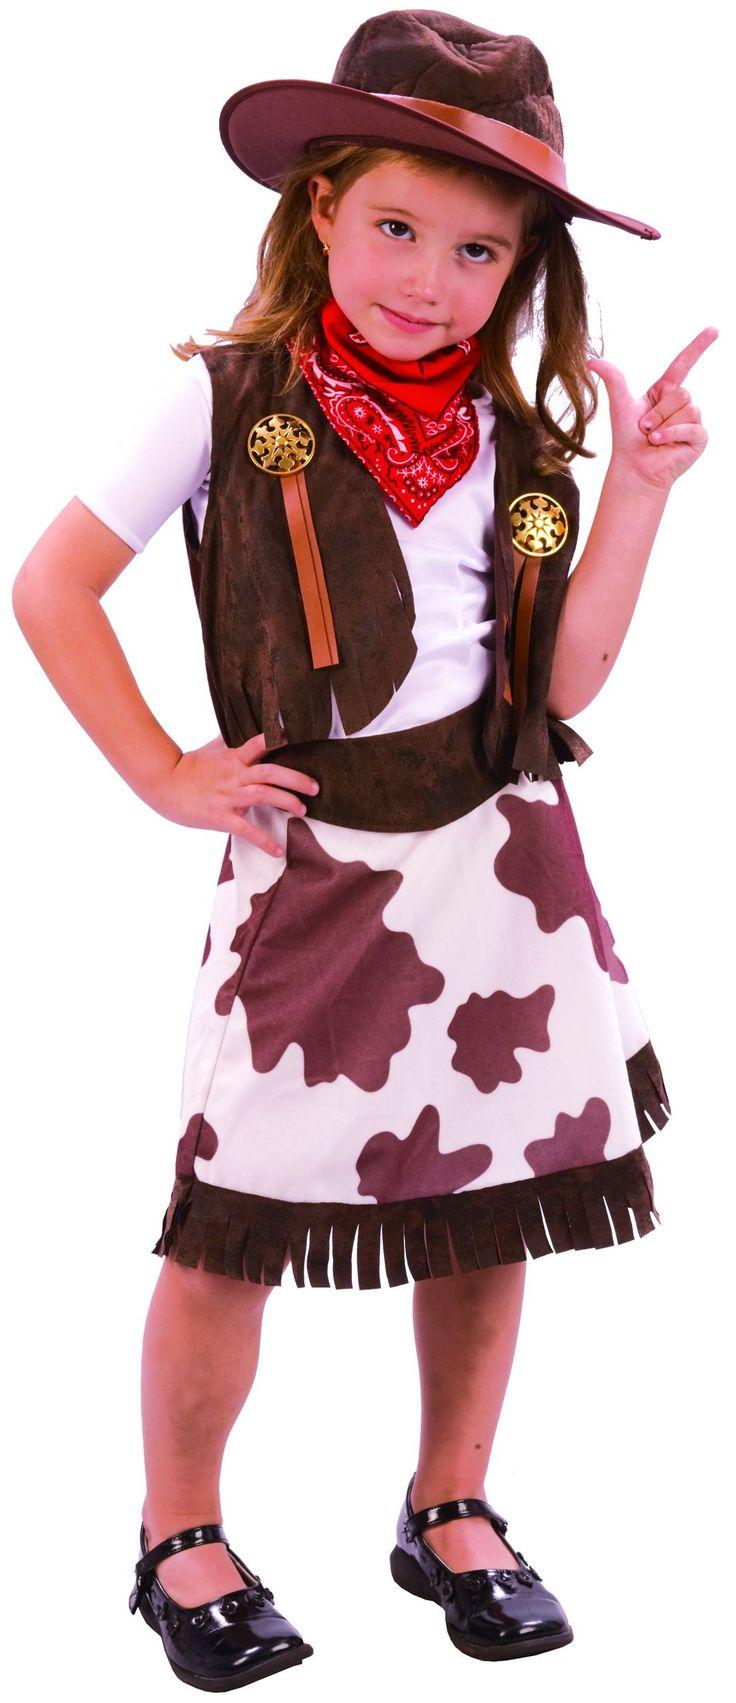 Disfraz de vaquera para niña: Este disfraz de vaquera para niña se compone de una falda, un chaleco, un sombrero y un pañuelo. El sombrero semirrígido es de imitación de cuero envejecido marrón....